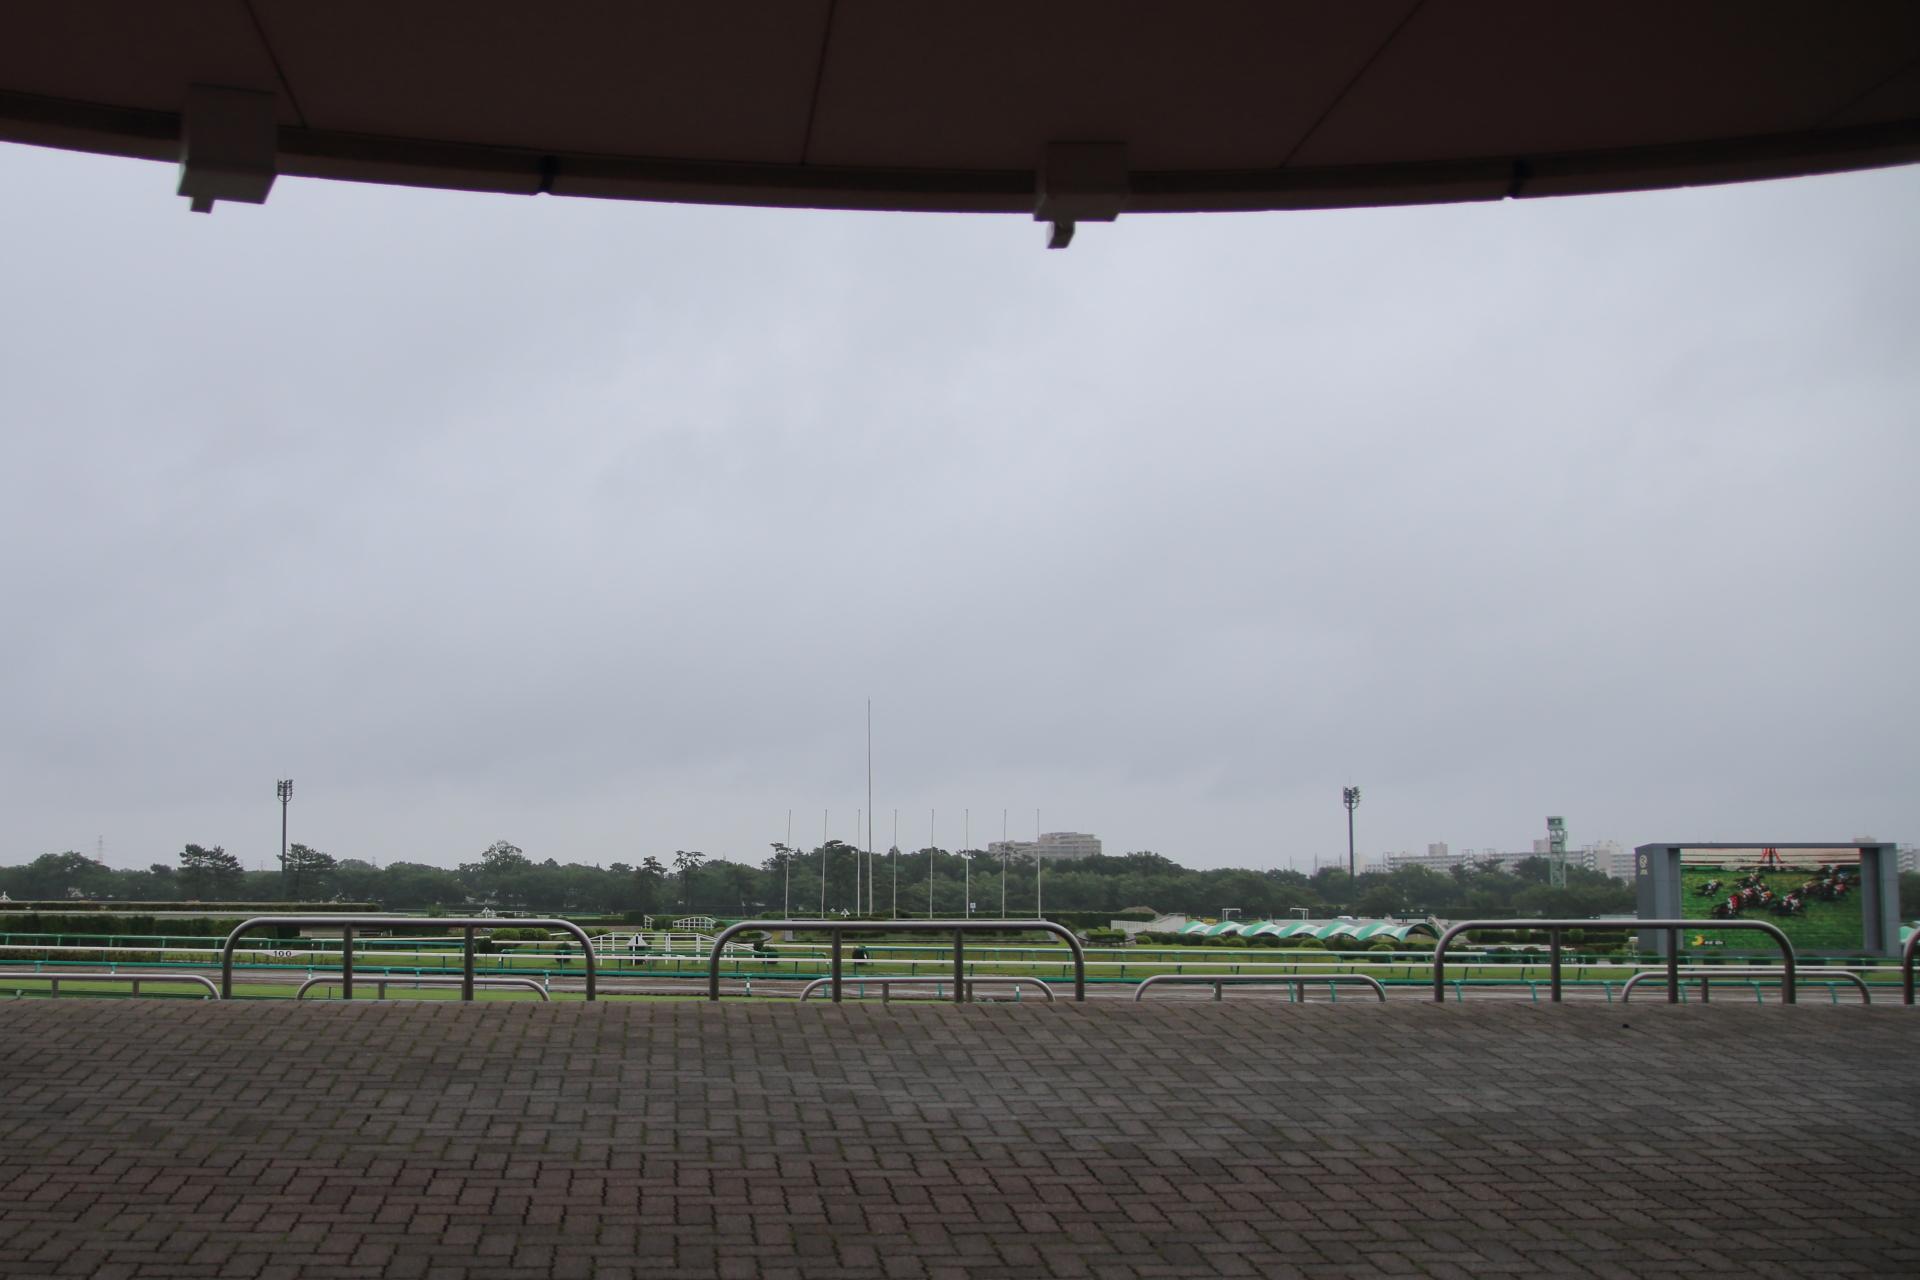 雨の日の競馬場